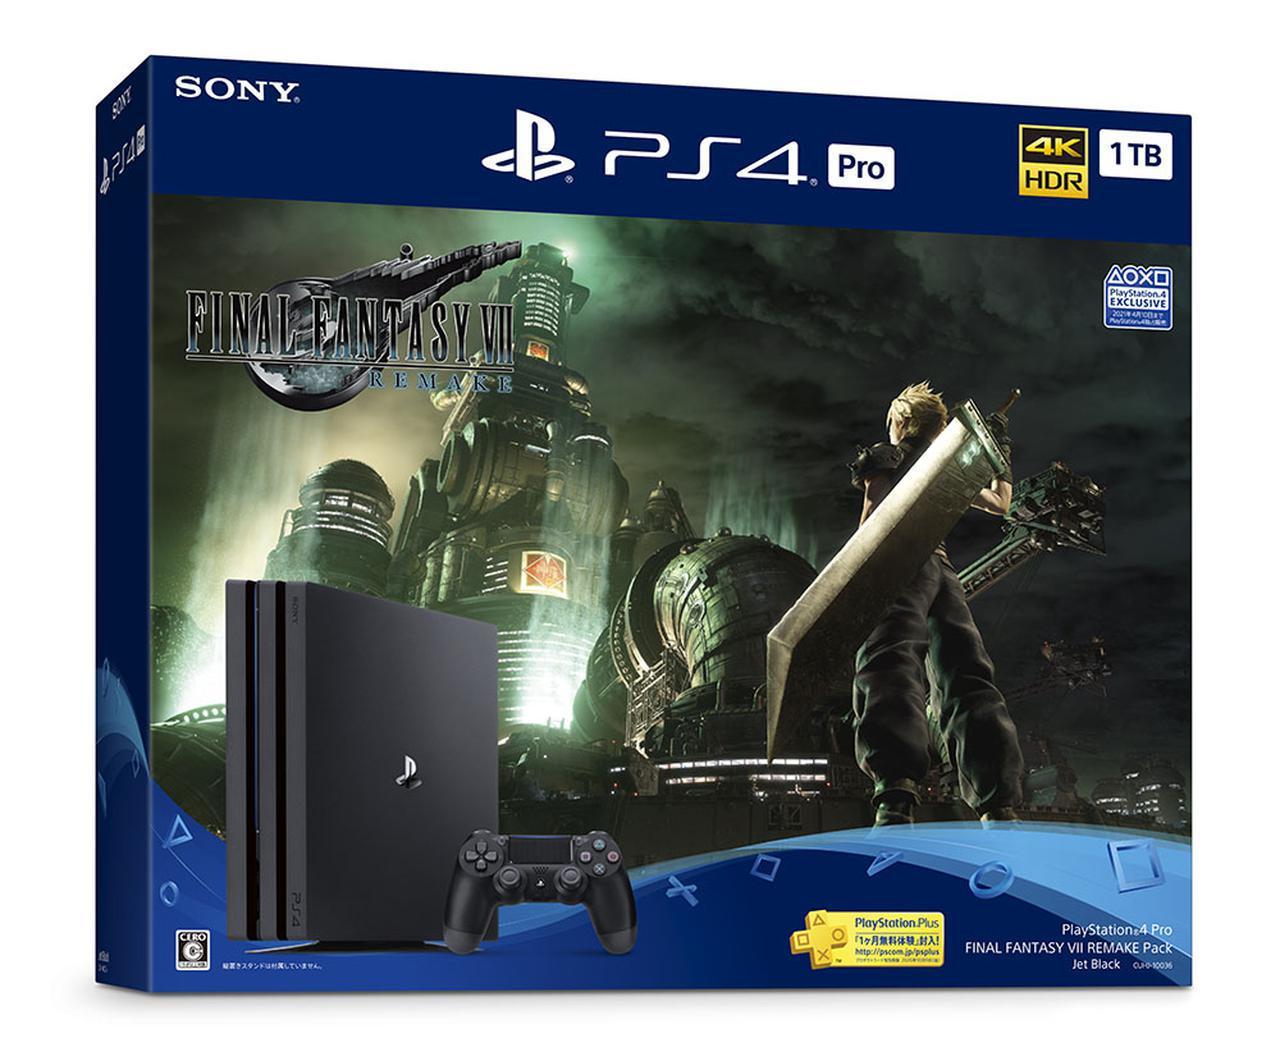 画像2: PlayStation 4で『FINAL FANTASY VII REMAKE』を始めようと思っている方に向けて。本体とソフトがセットになった『FINAL FANTASY VII REMAKE Pack』を4月10日から数量限定で発売